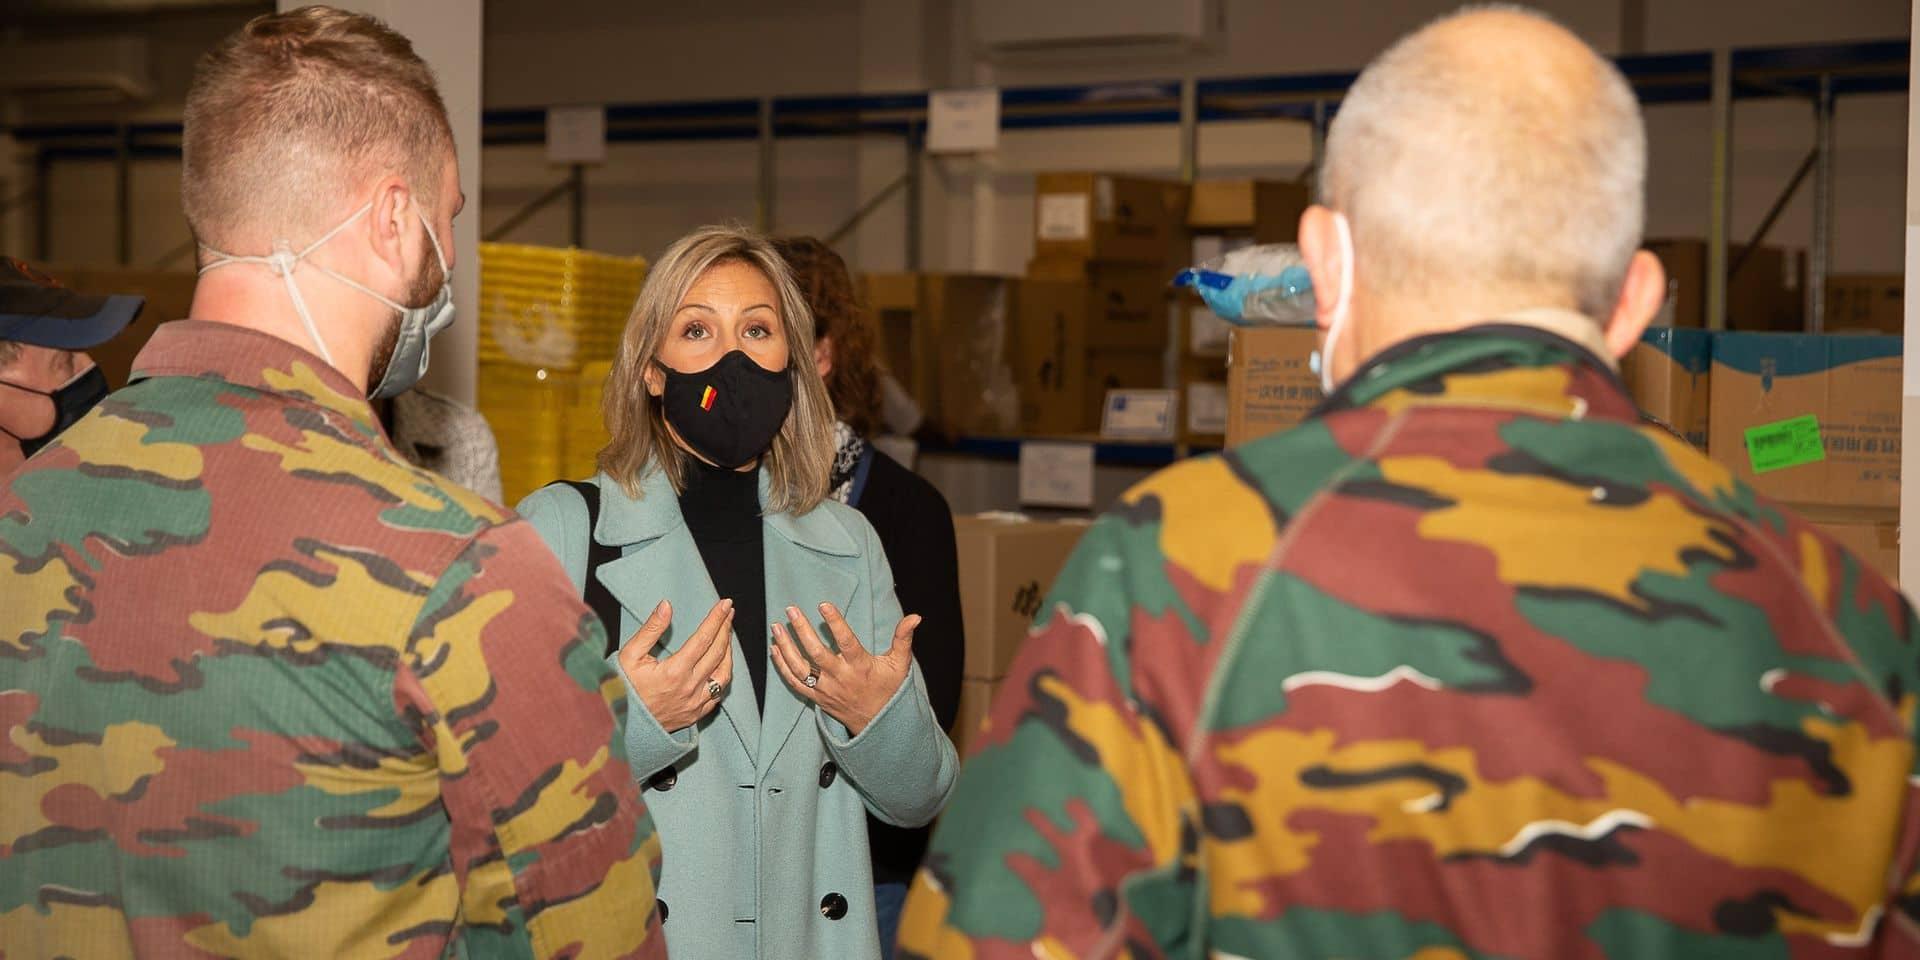 Un salaire revu à la hausse, des casernes ultra-modernes et des métiers en développement: comment notre ministre veut recruter de nouveaux militaires